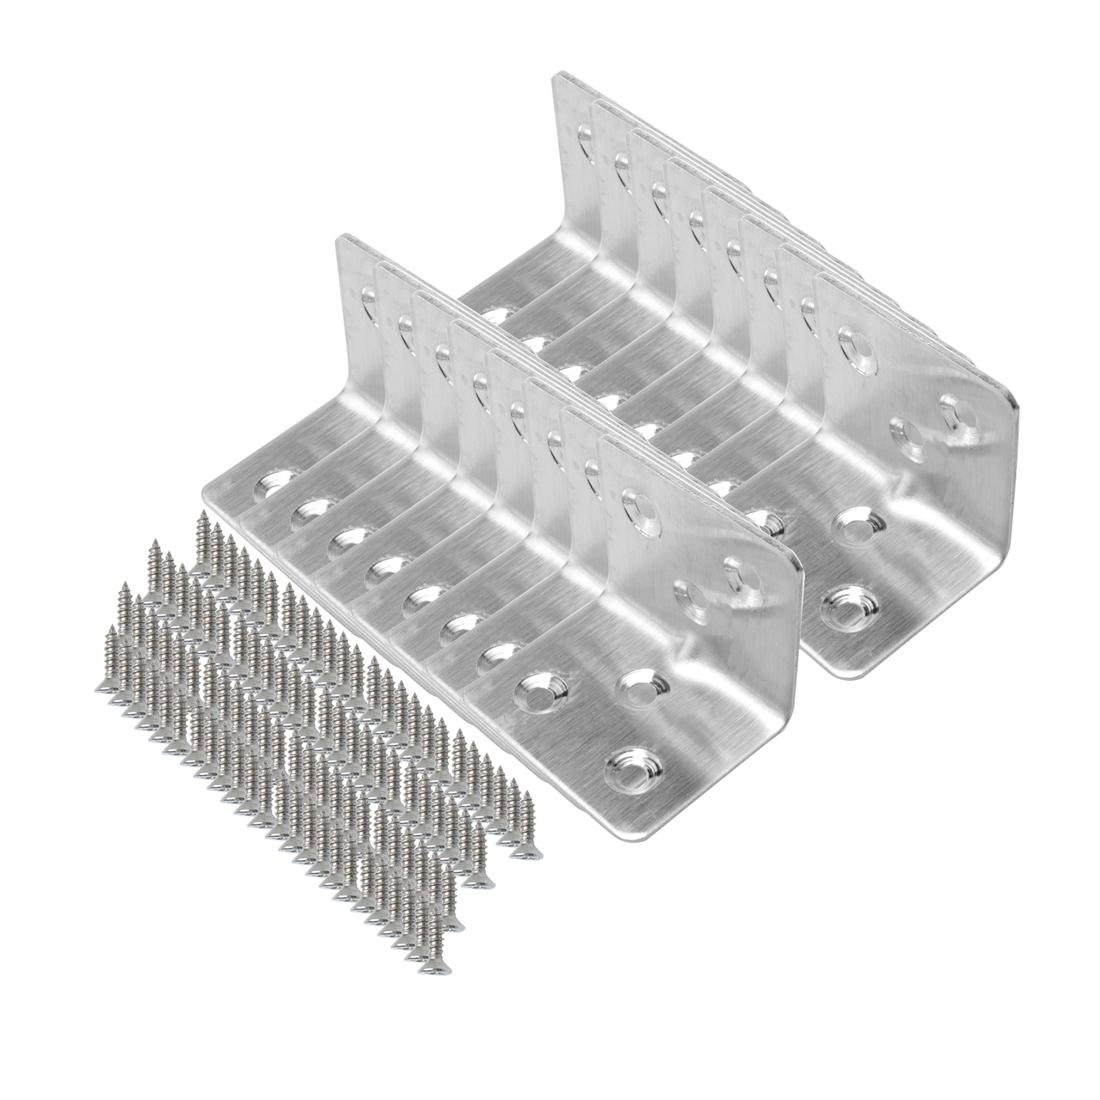 Angle Bracket Stainless Steel Brace Shelf Support w Screws 30 x 30mm, 16pcs